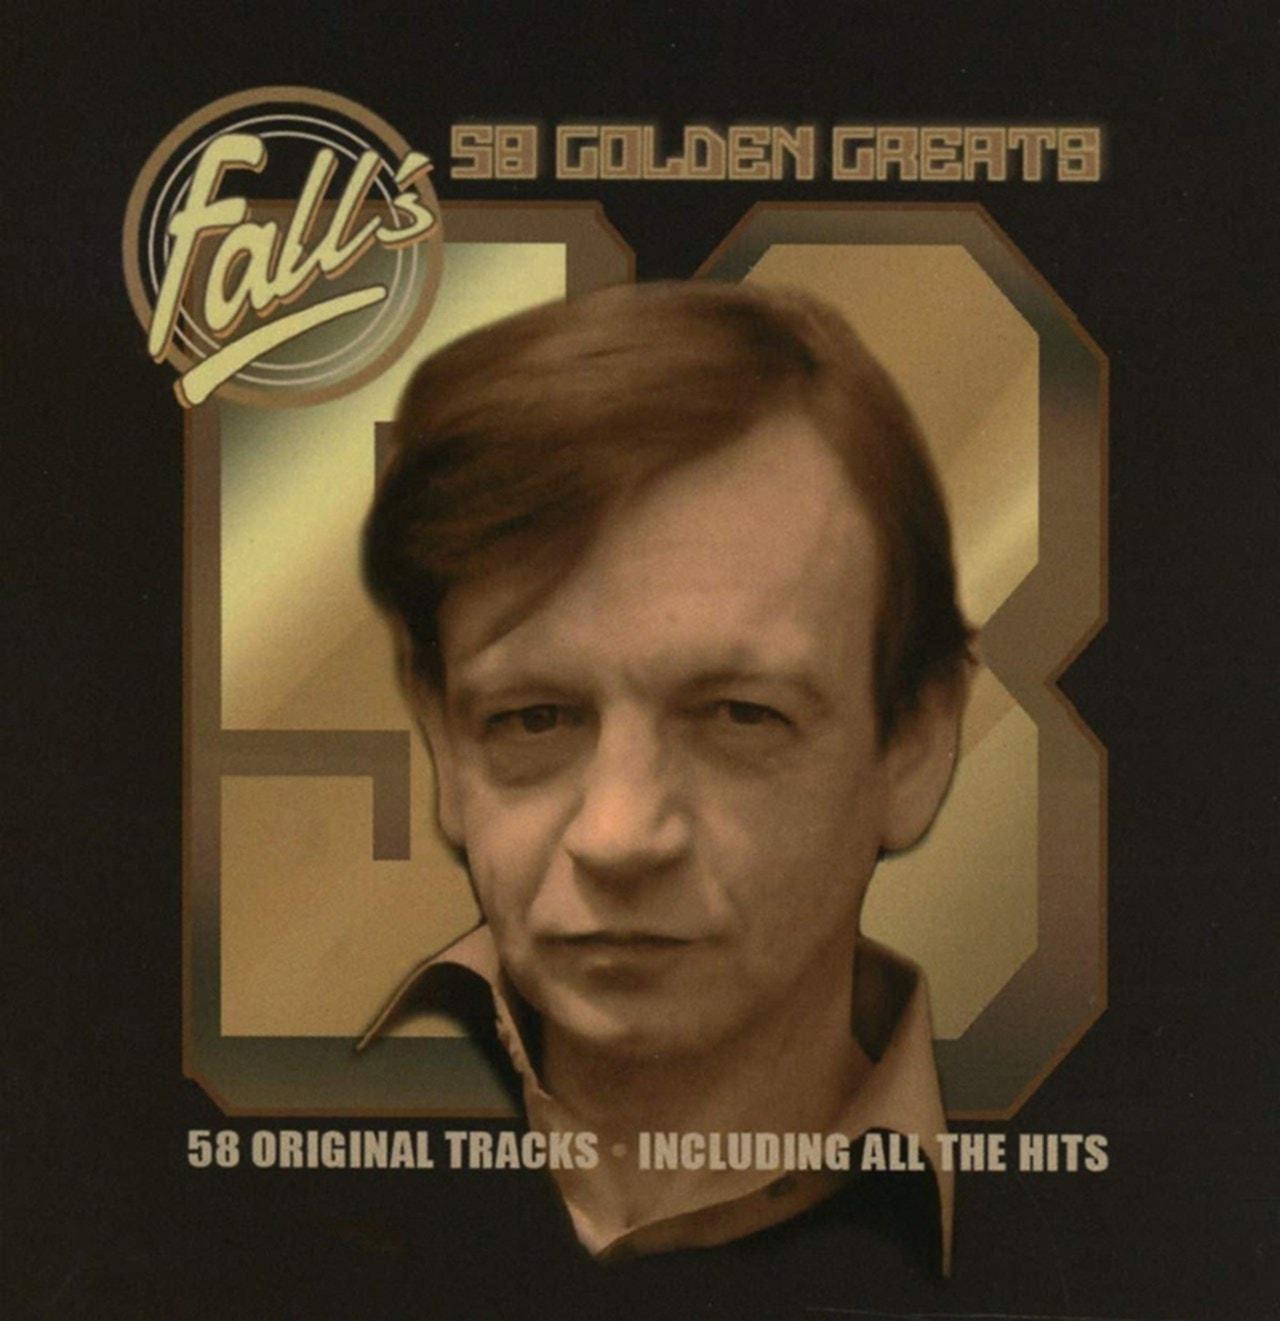 58 Golden Greats - 1